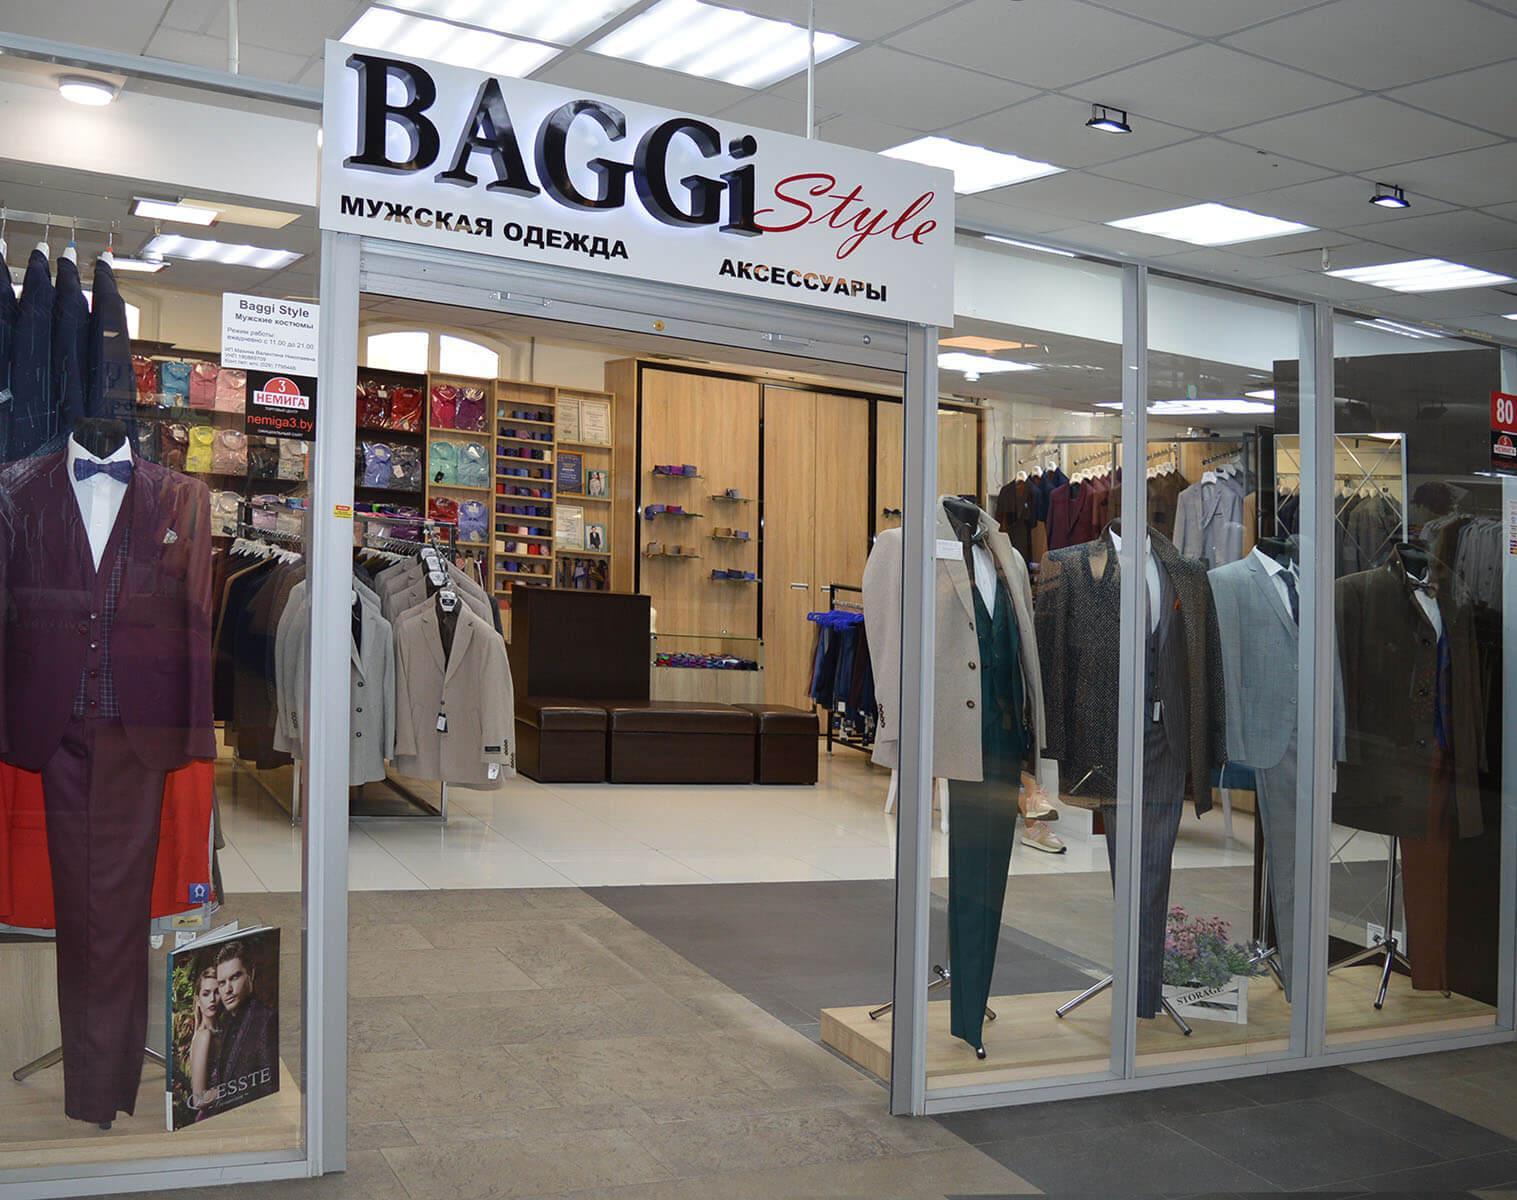 «Baggi Style» - магазин мужской одежды и акскссуаров на 3-м этаже в павильоне №89